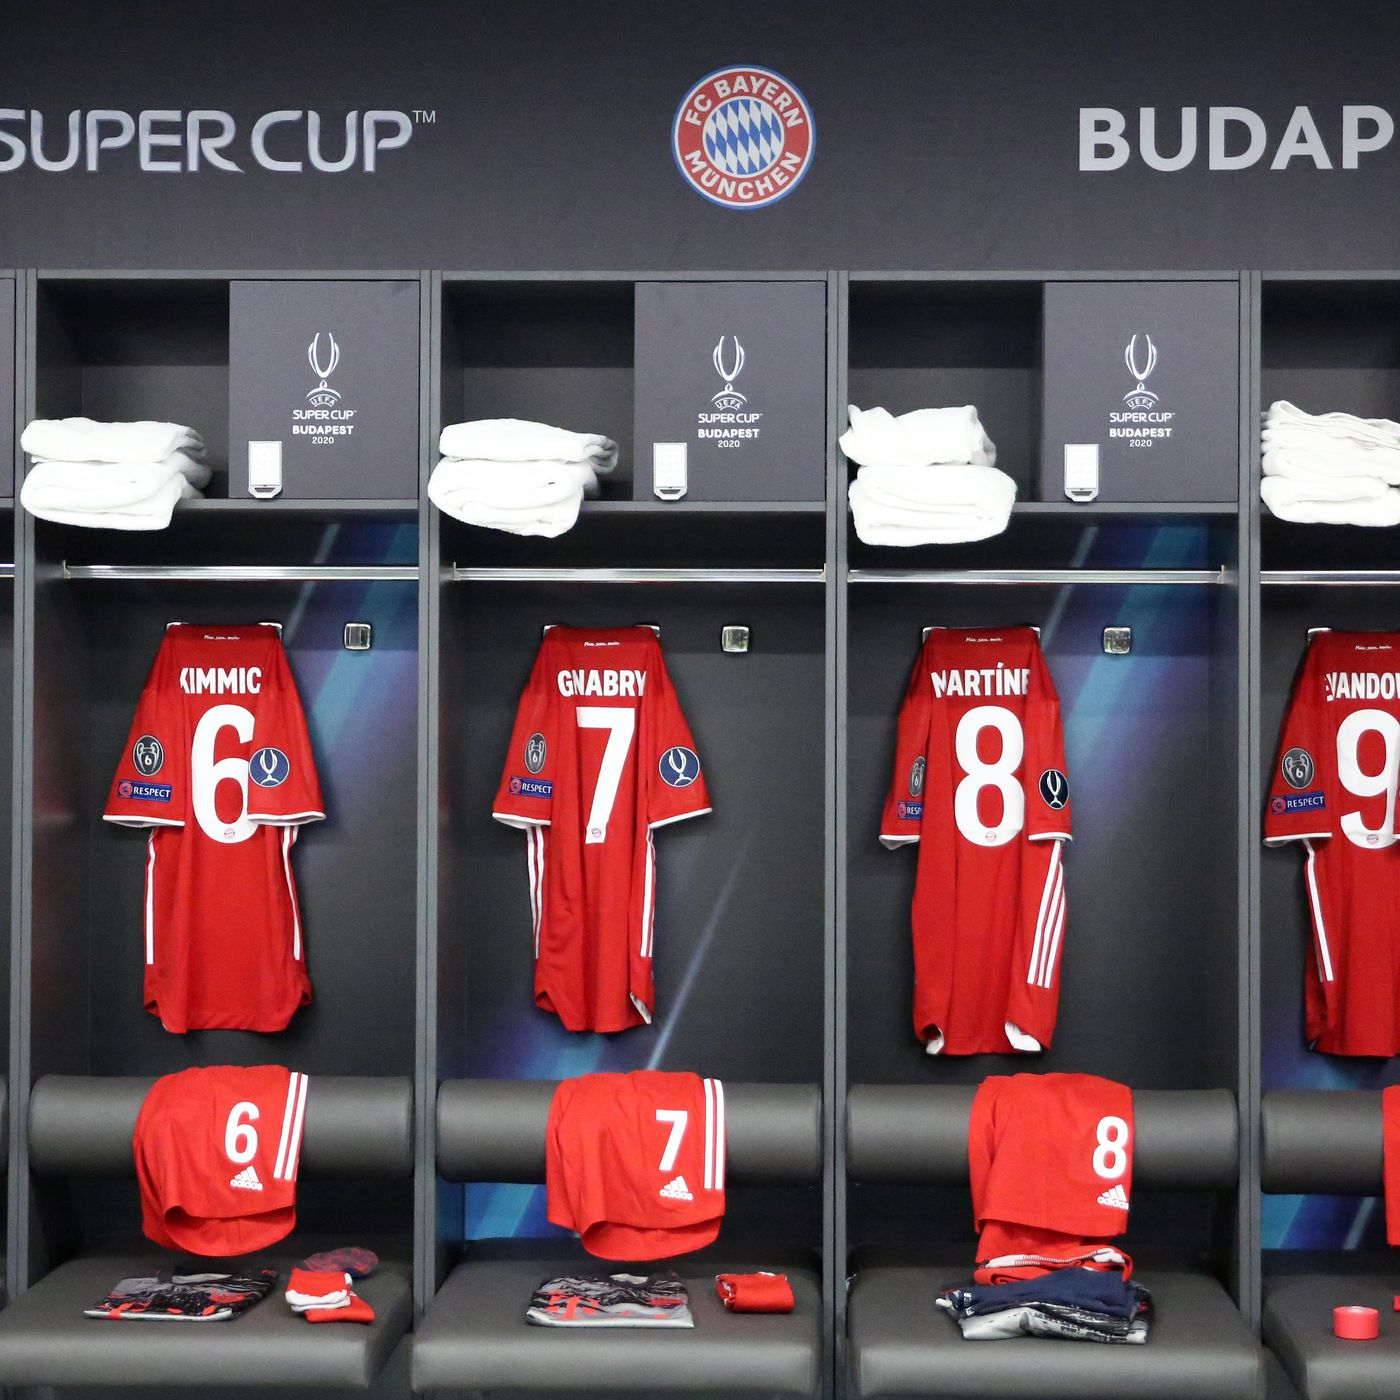 Kit Leak Bayern Munich S New Home Kit For 2021 2022 Bavarian Football Works